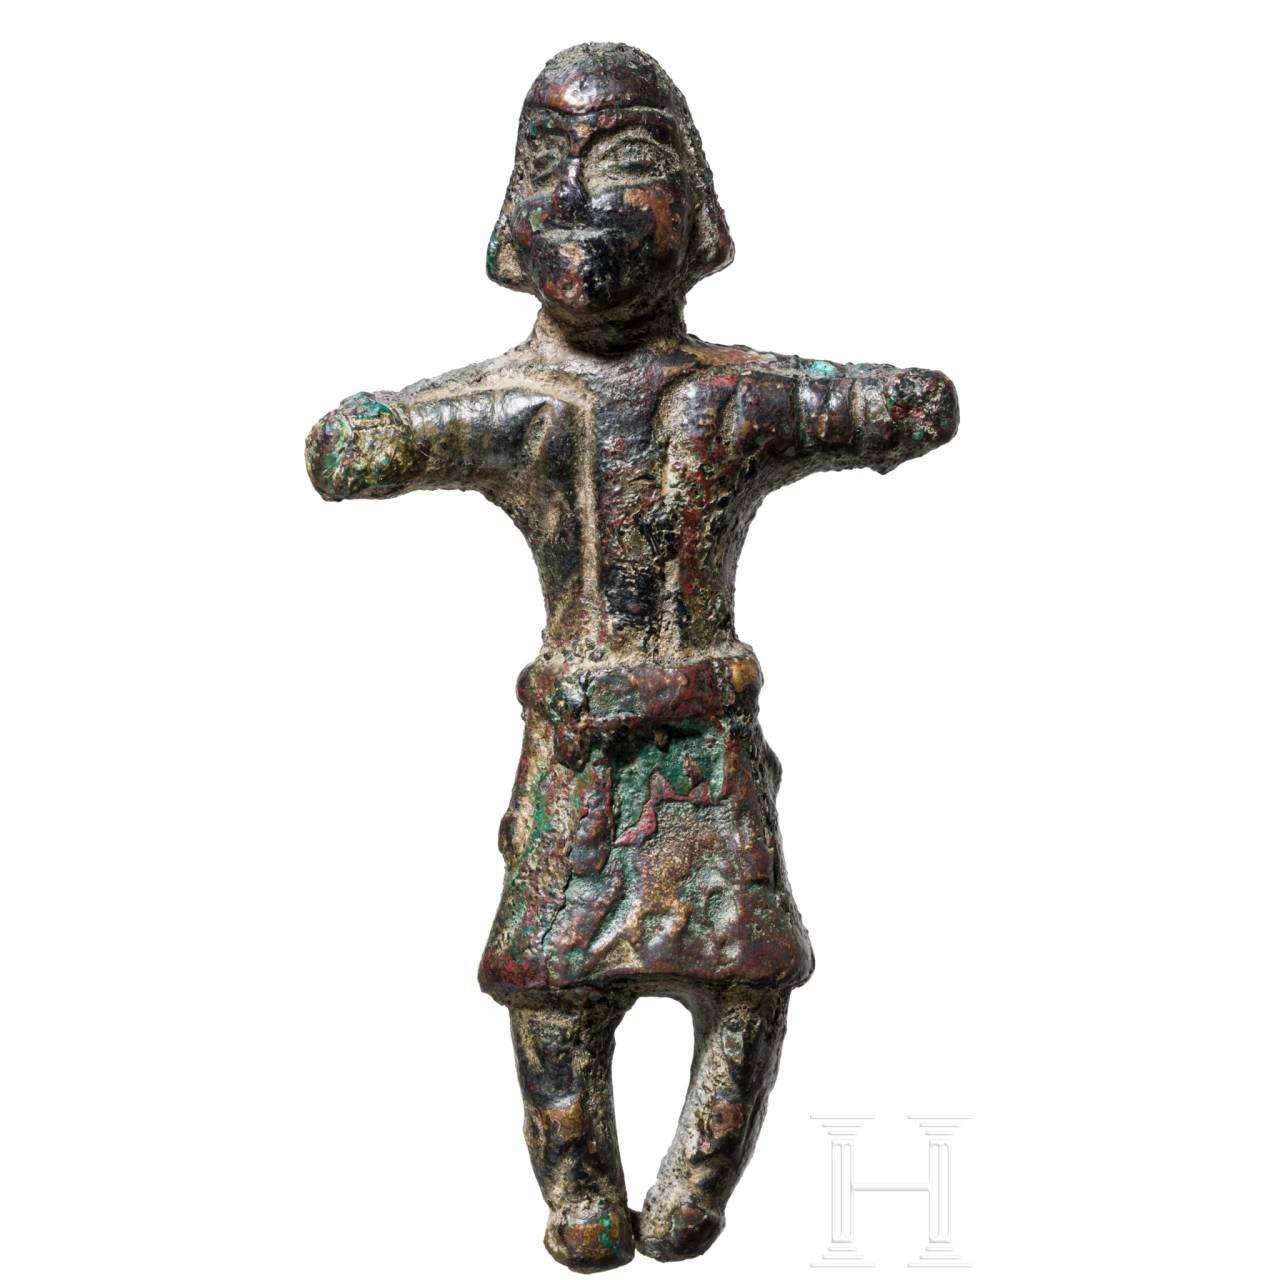 Seltene Bronzefigur eines sassanidischen Würdenträgers, Persien, 5. - 7. Jhdt.